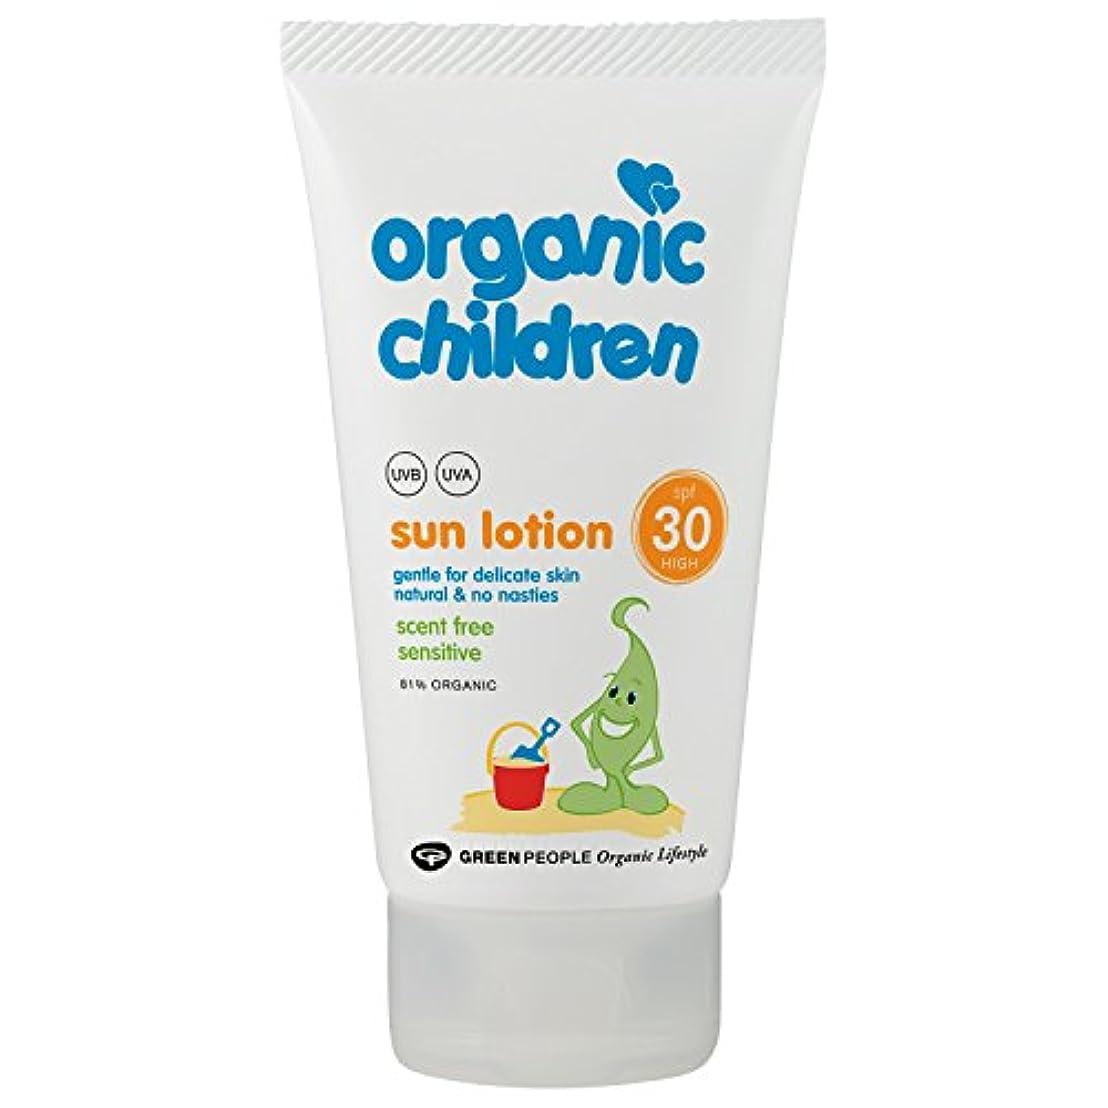 ポルノ説明する発表するOrganic Children SPF 30 Sun Lotion 150g - 有機子どもたちは30日のローション150グラムを [並行輸入品]